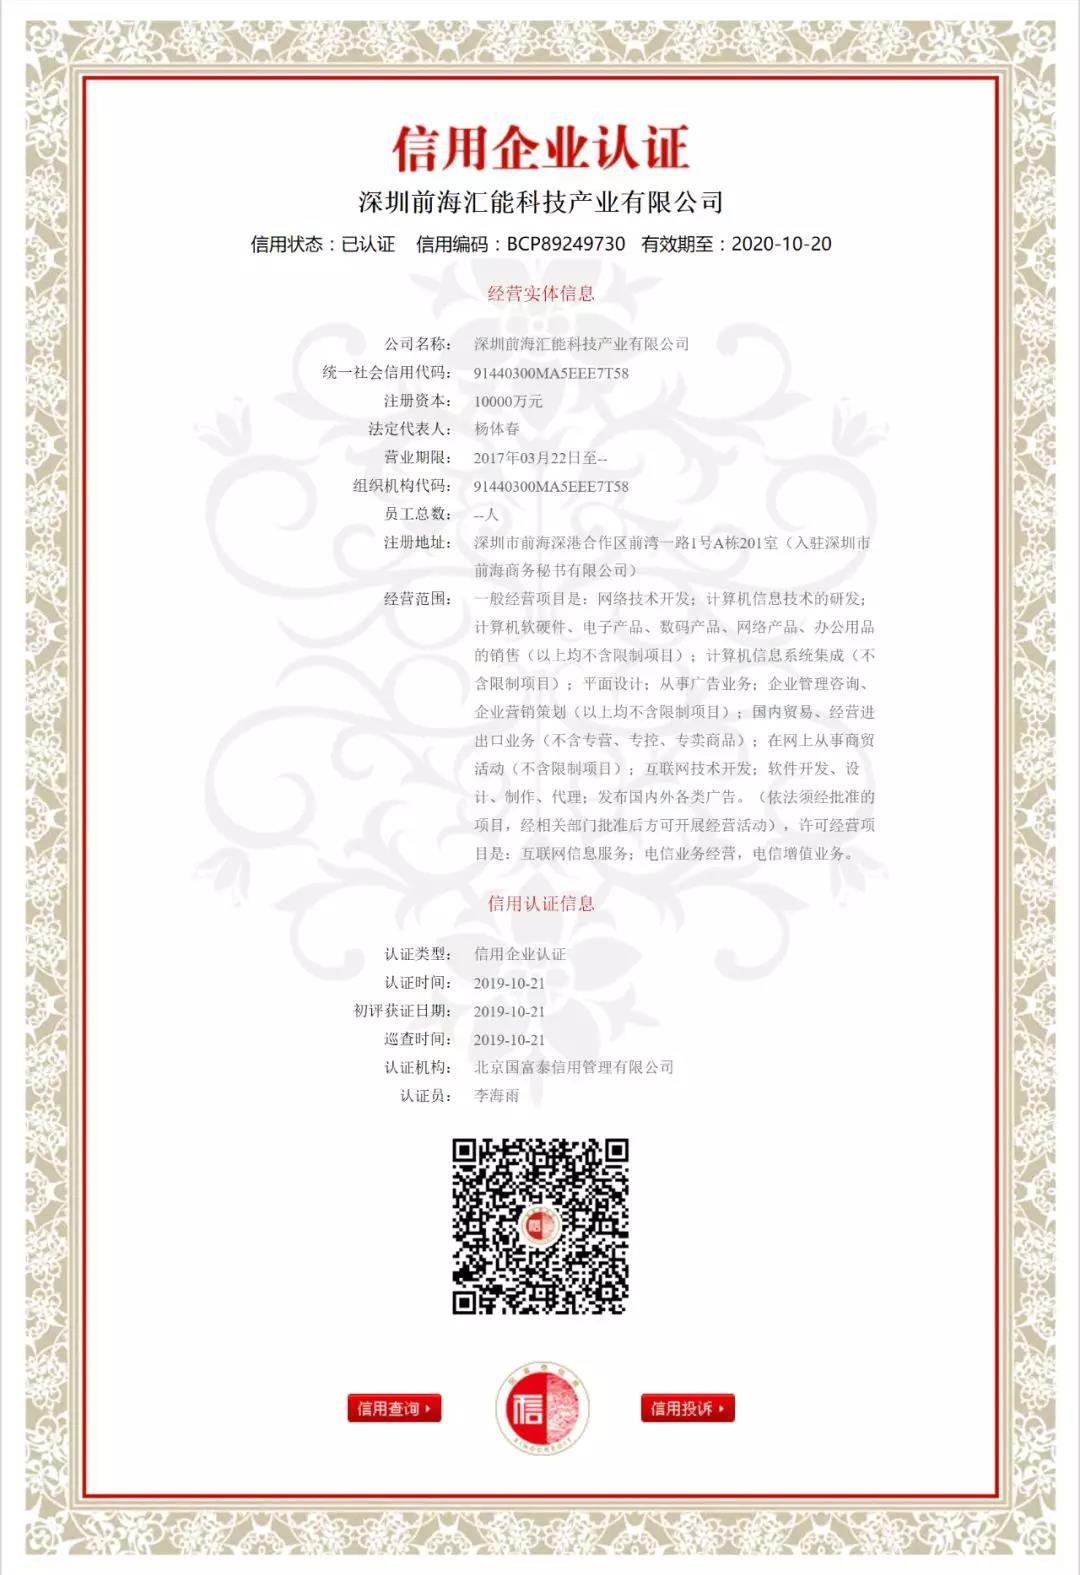 """喜报:热烈庆祝汇能科技荣获""""信用企业认证"""""""